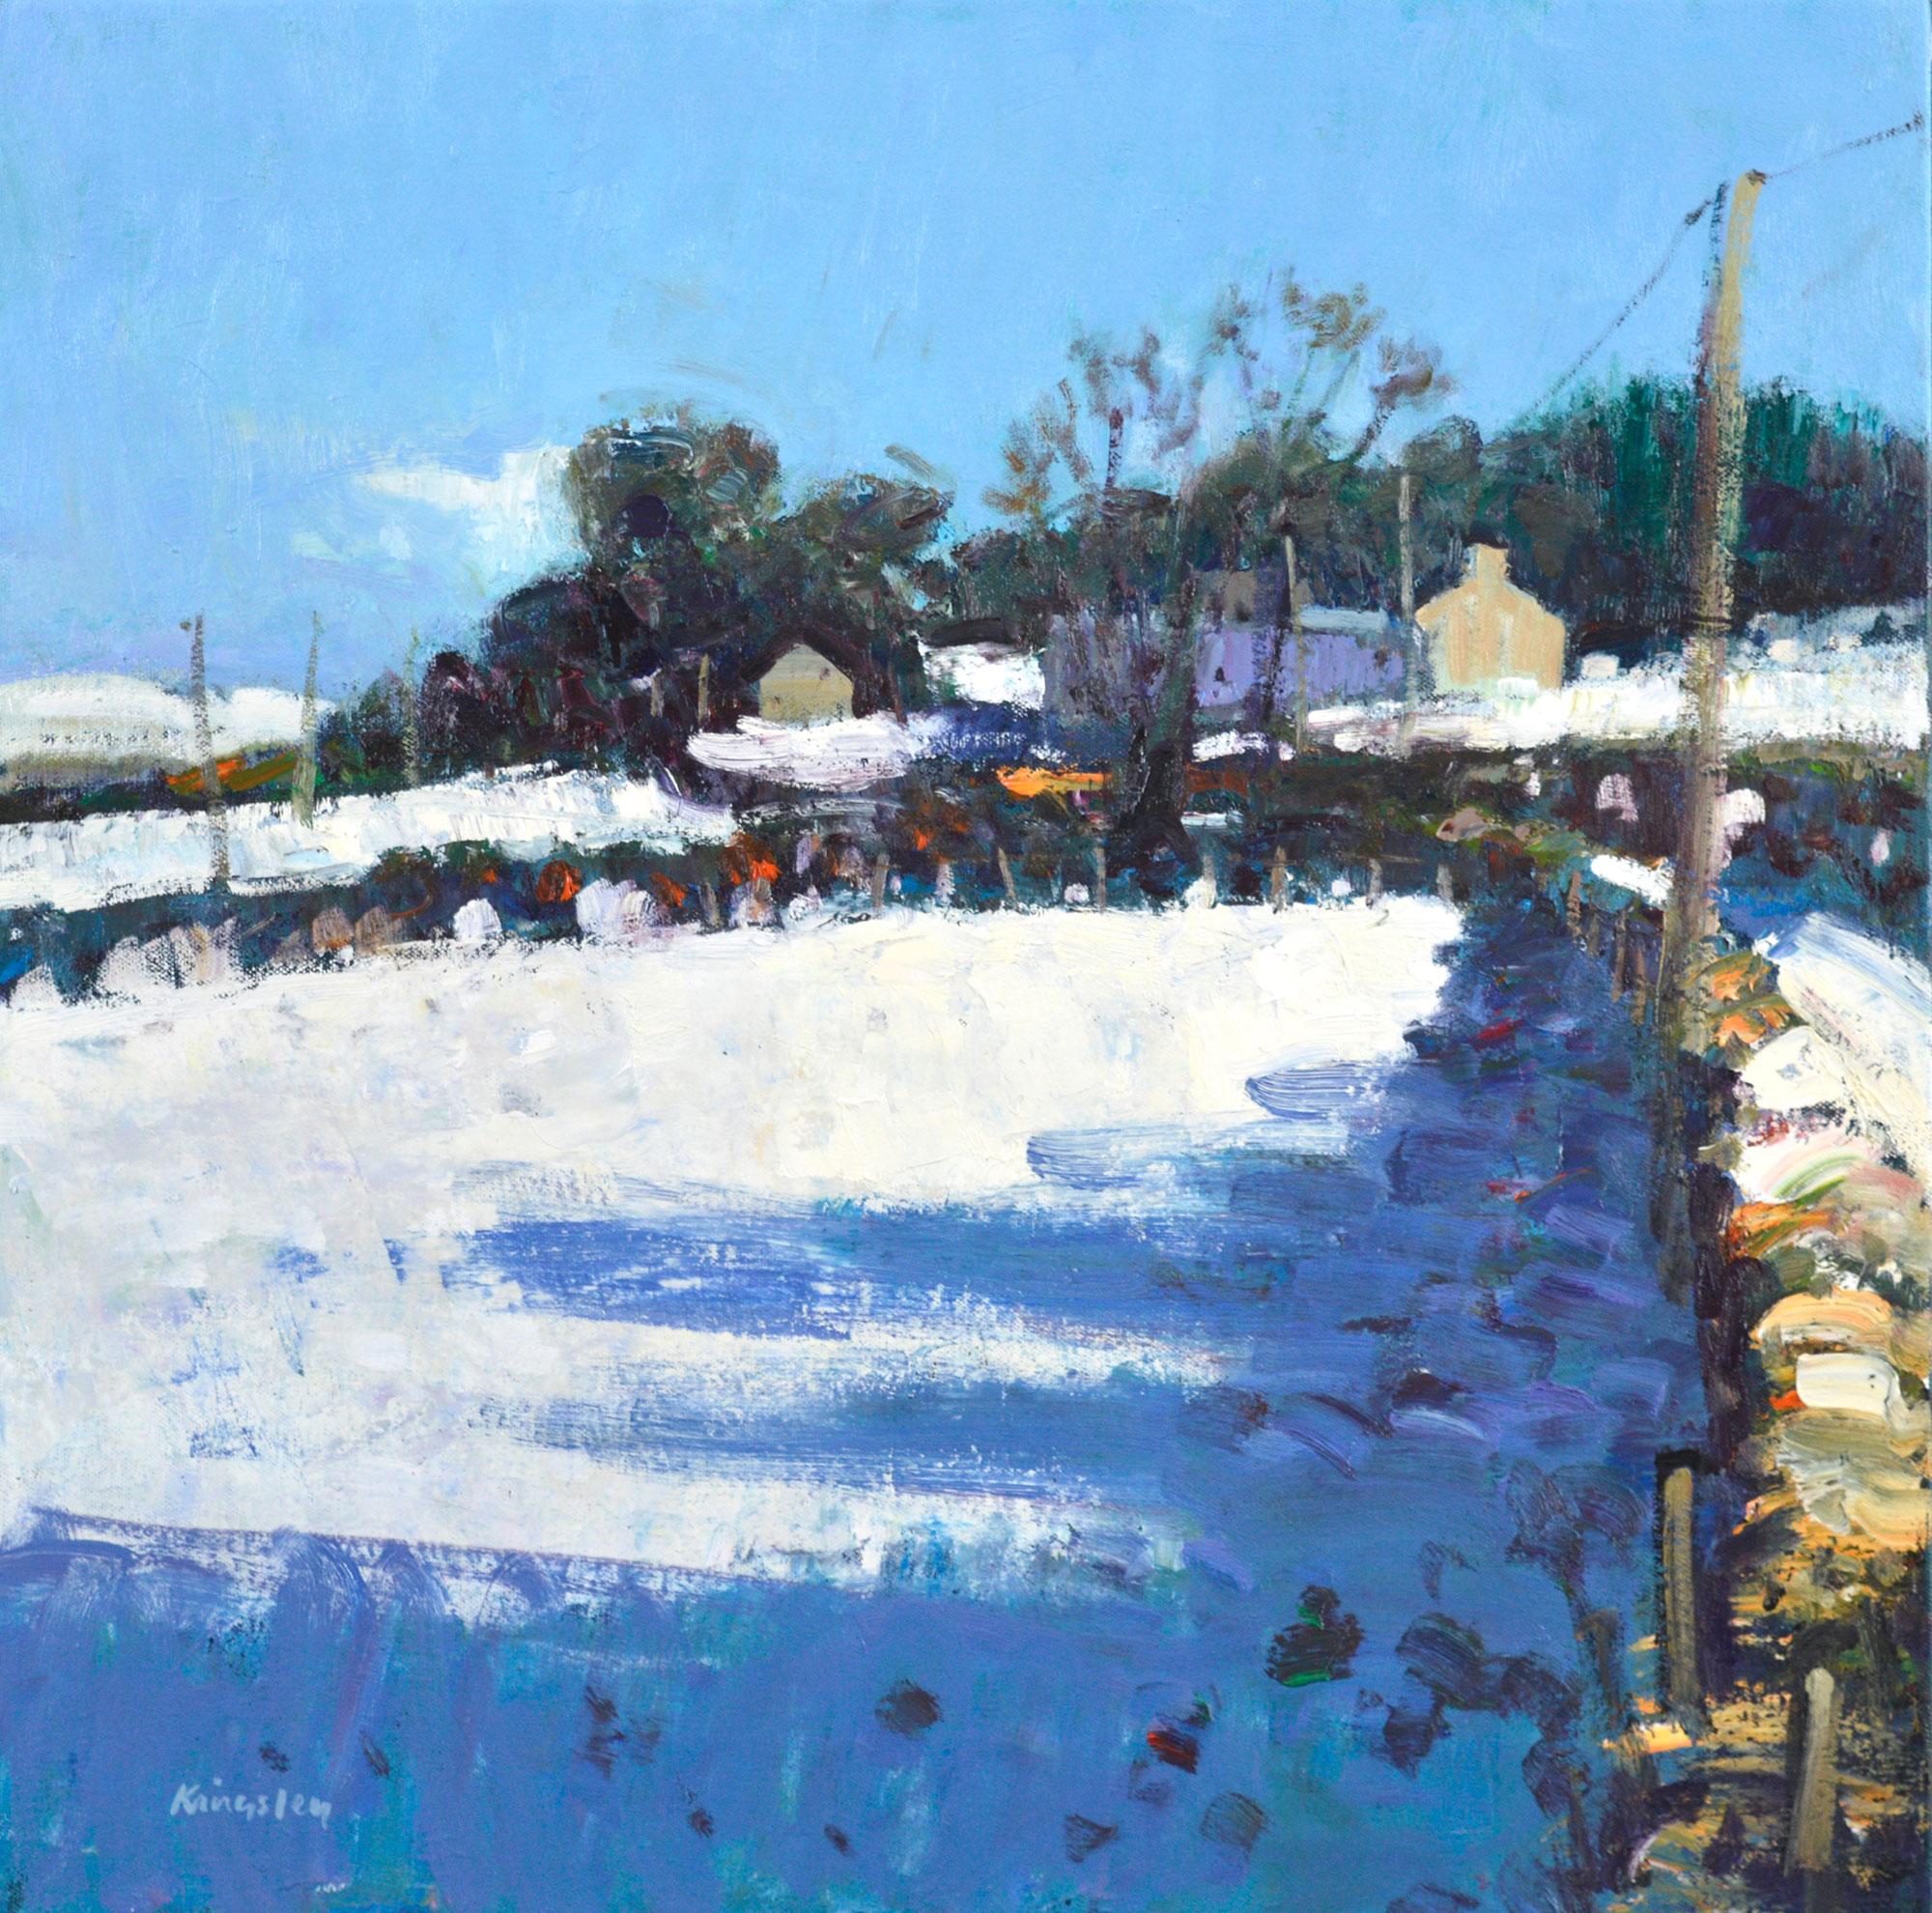 John  Kingsley Winter Landscape, Uplawmoor